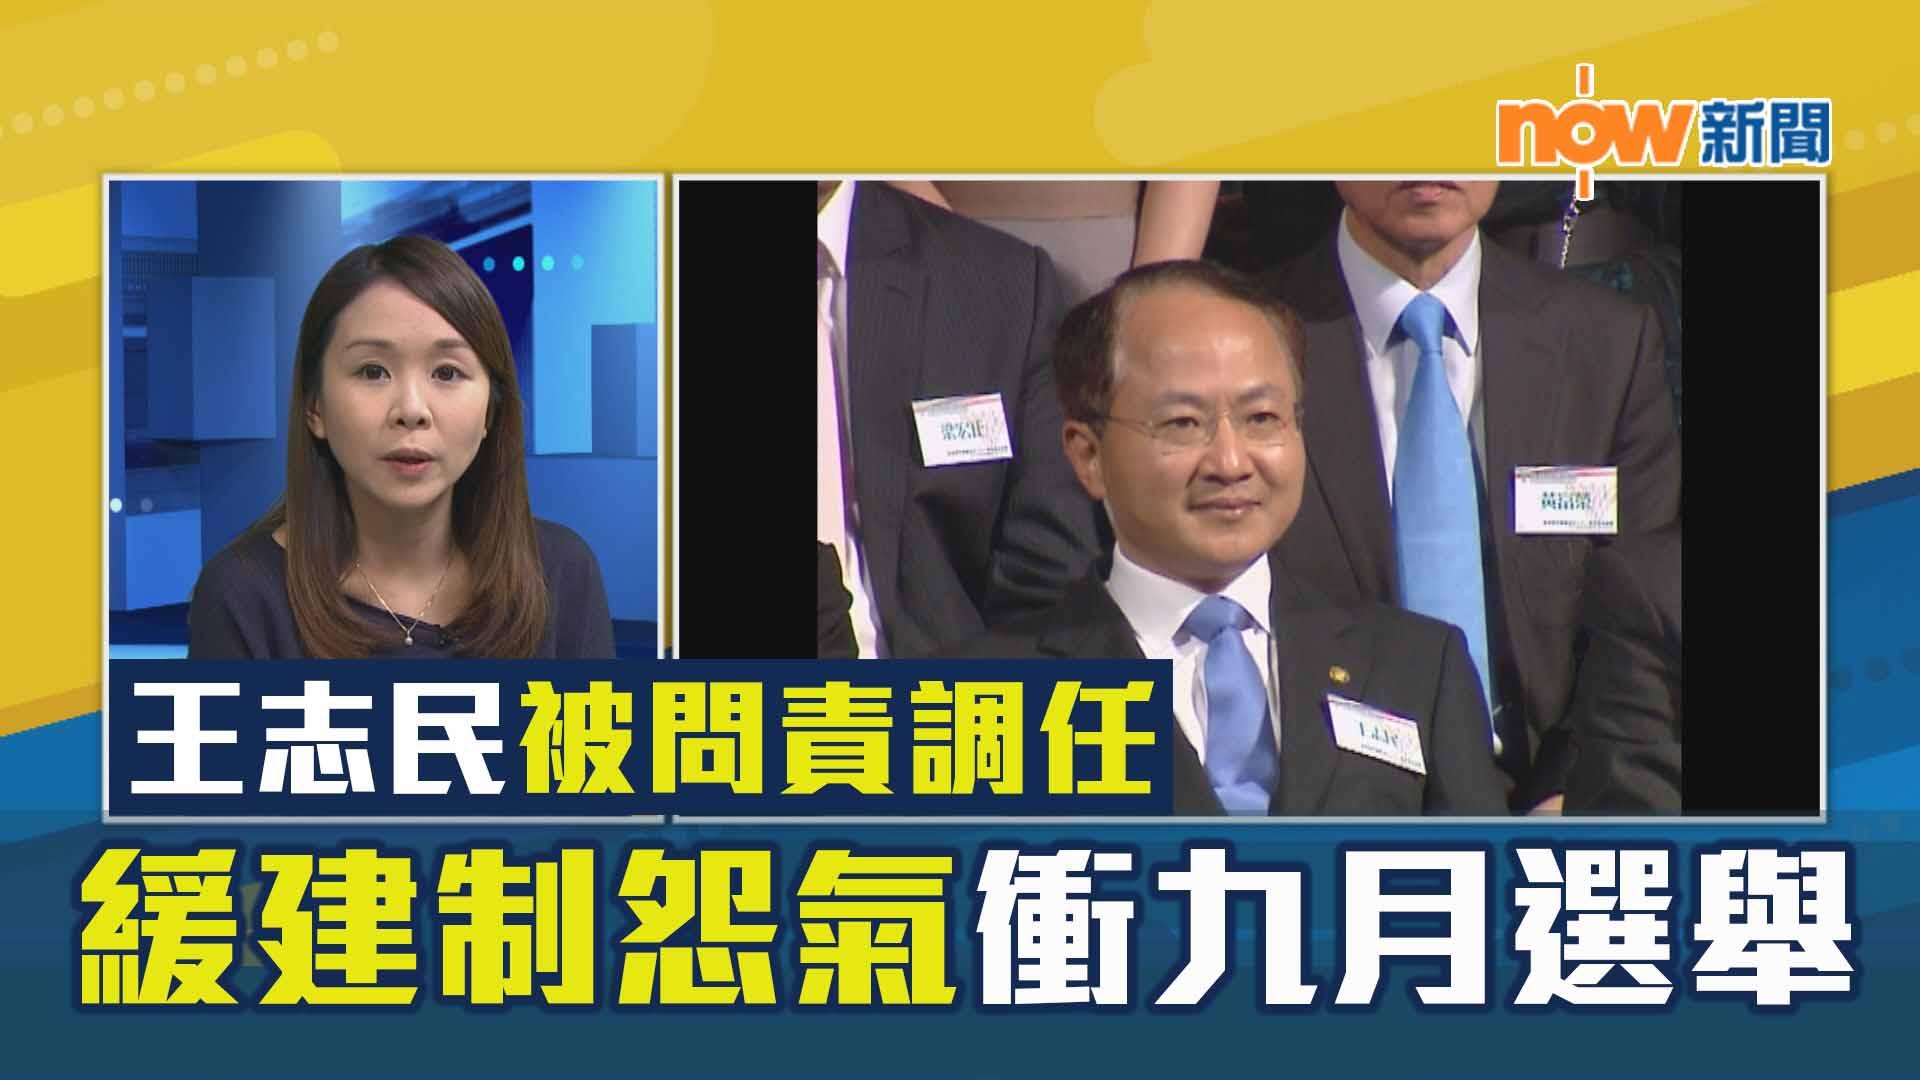 【政情】王志民被問責調任 緩建制怨氣衝九月選舉